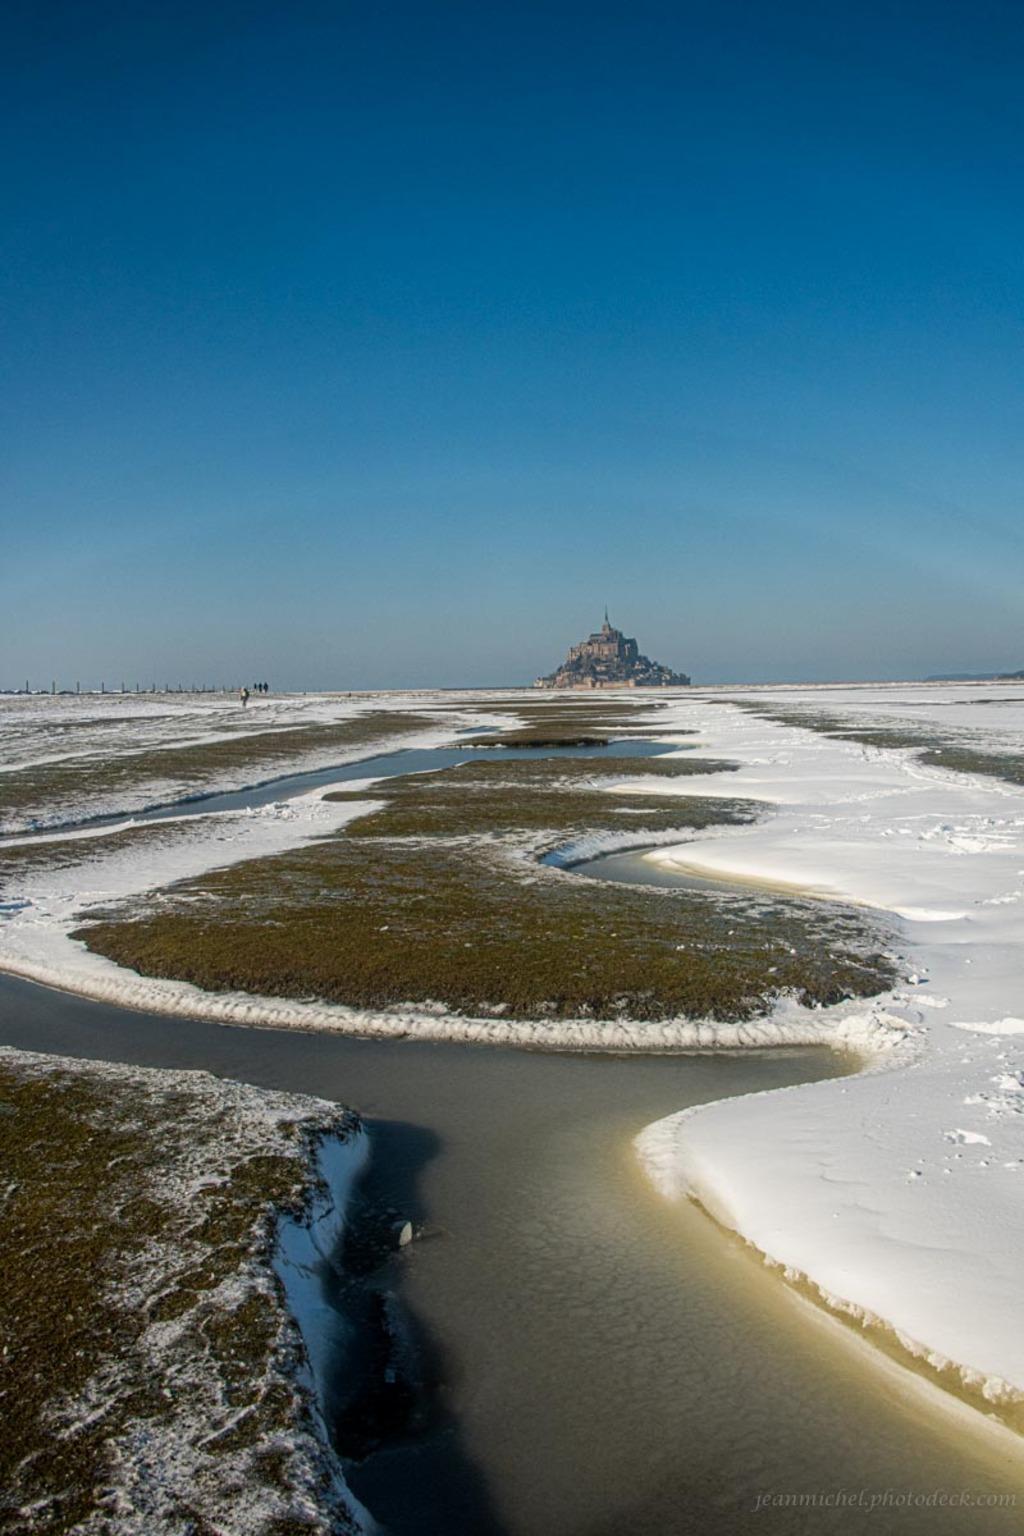 Meanders in snow via Jean Michel